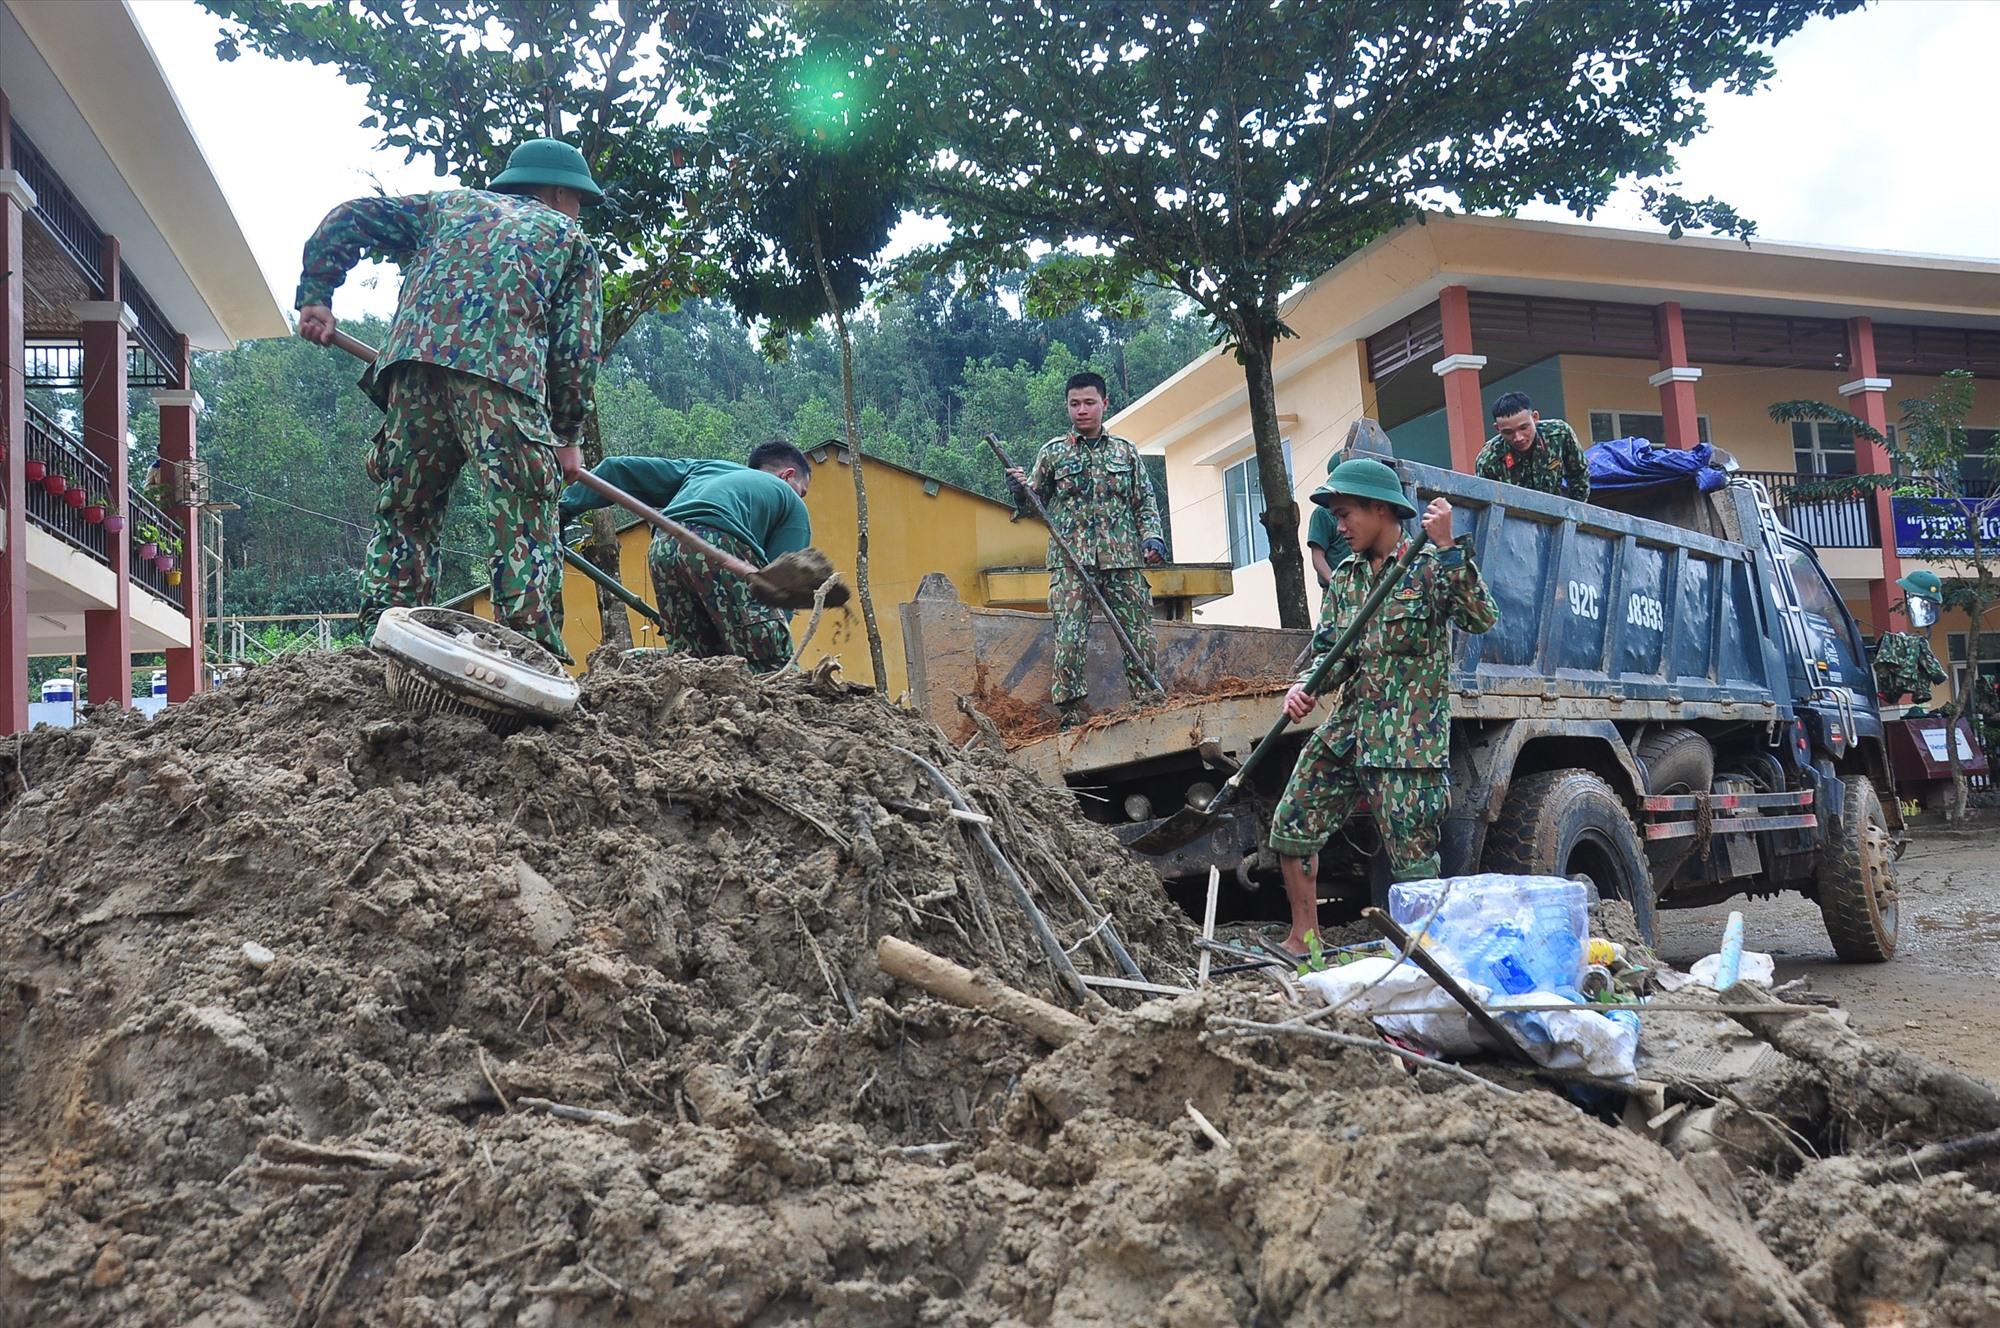 Sử dụng xe tải để vận chuyển bùn đất trong sân trường ra ngoài. Ảnh: VINH ANH